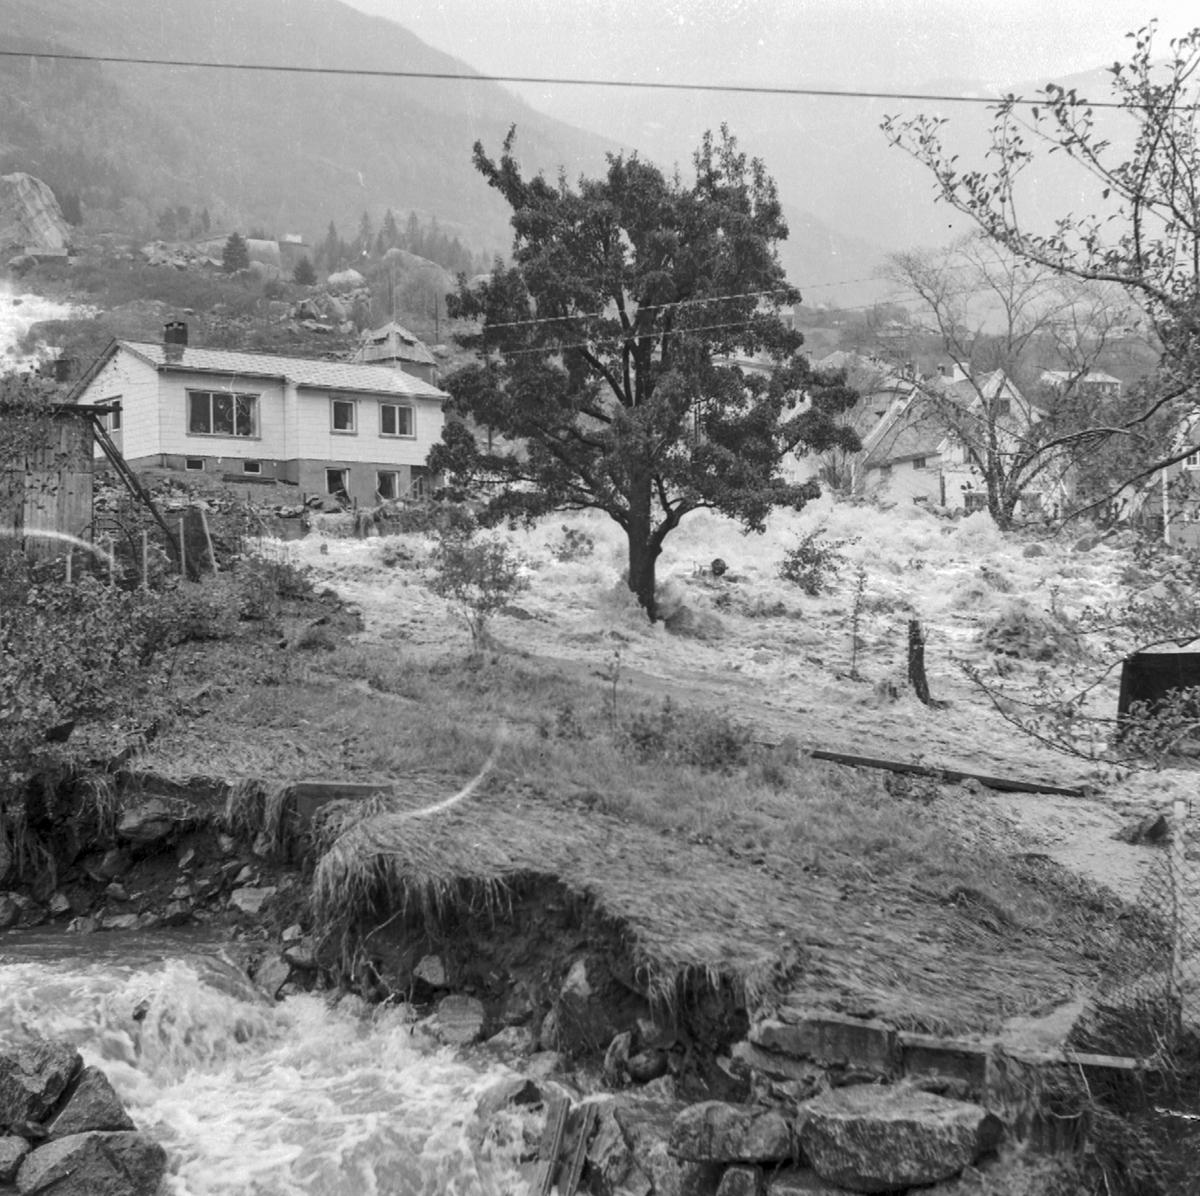 Flaum på Egne Hjem, 18.10.1962, elv, jord og steinras, bustadhus, tre,